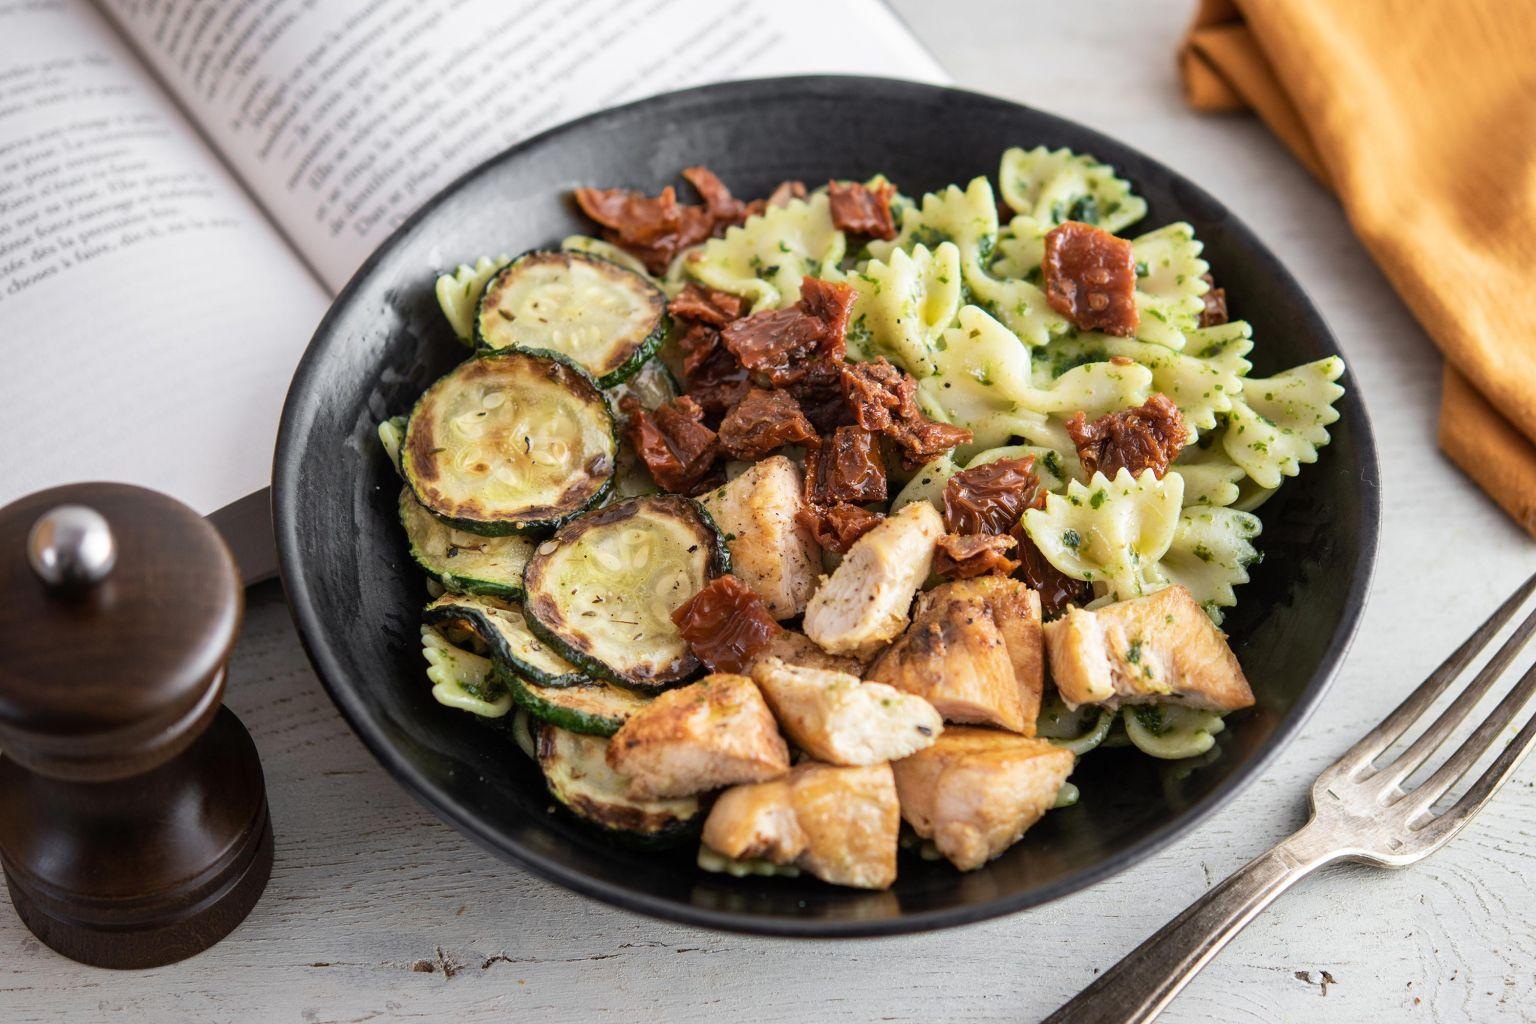 Salade de farfalles au basilic, émincé de poulet rôti, courgettes grillées